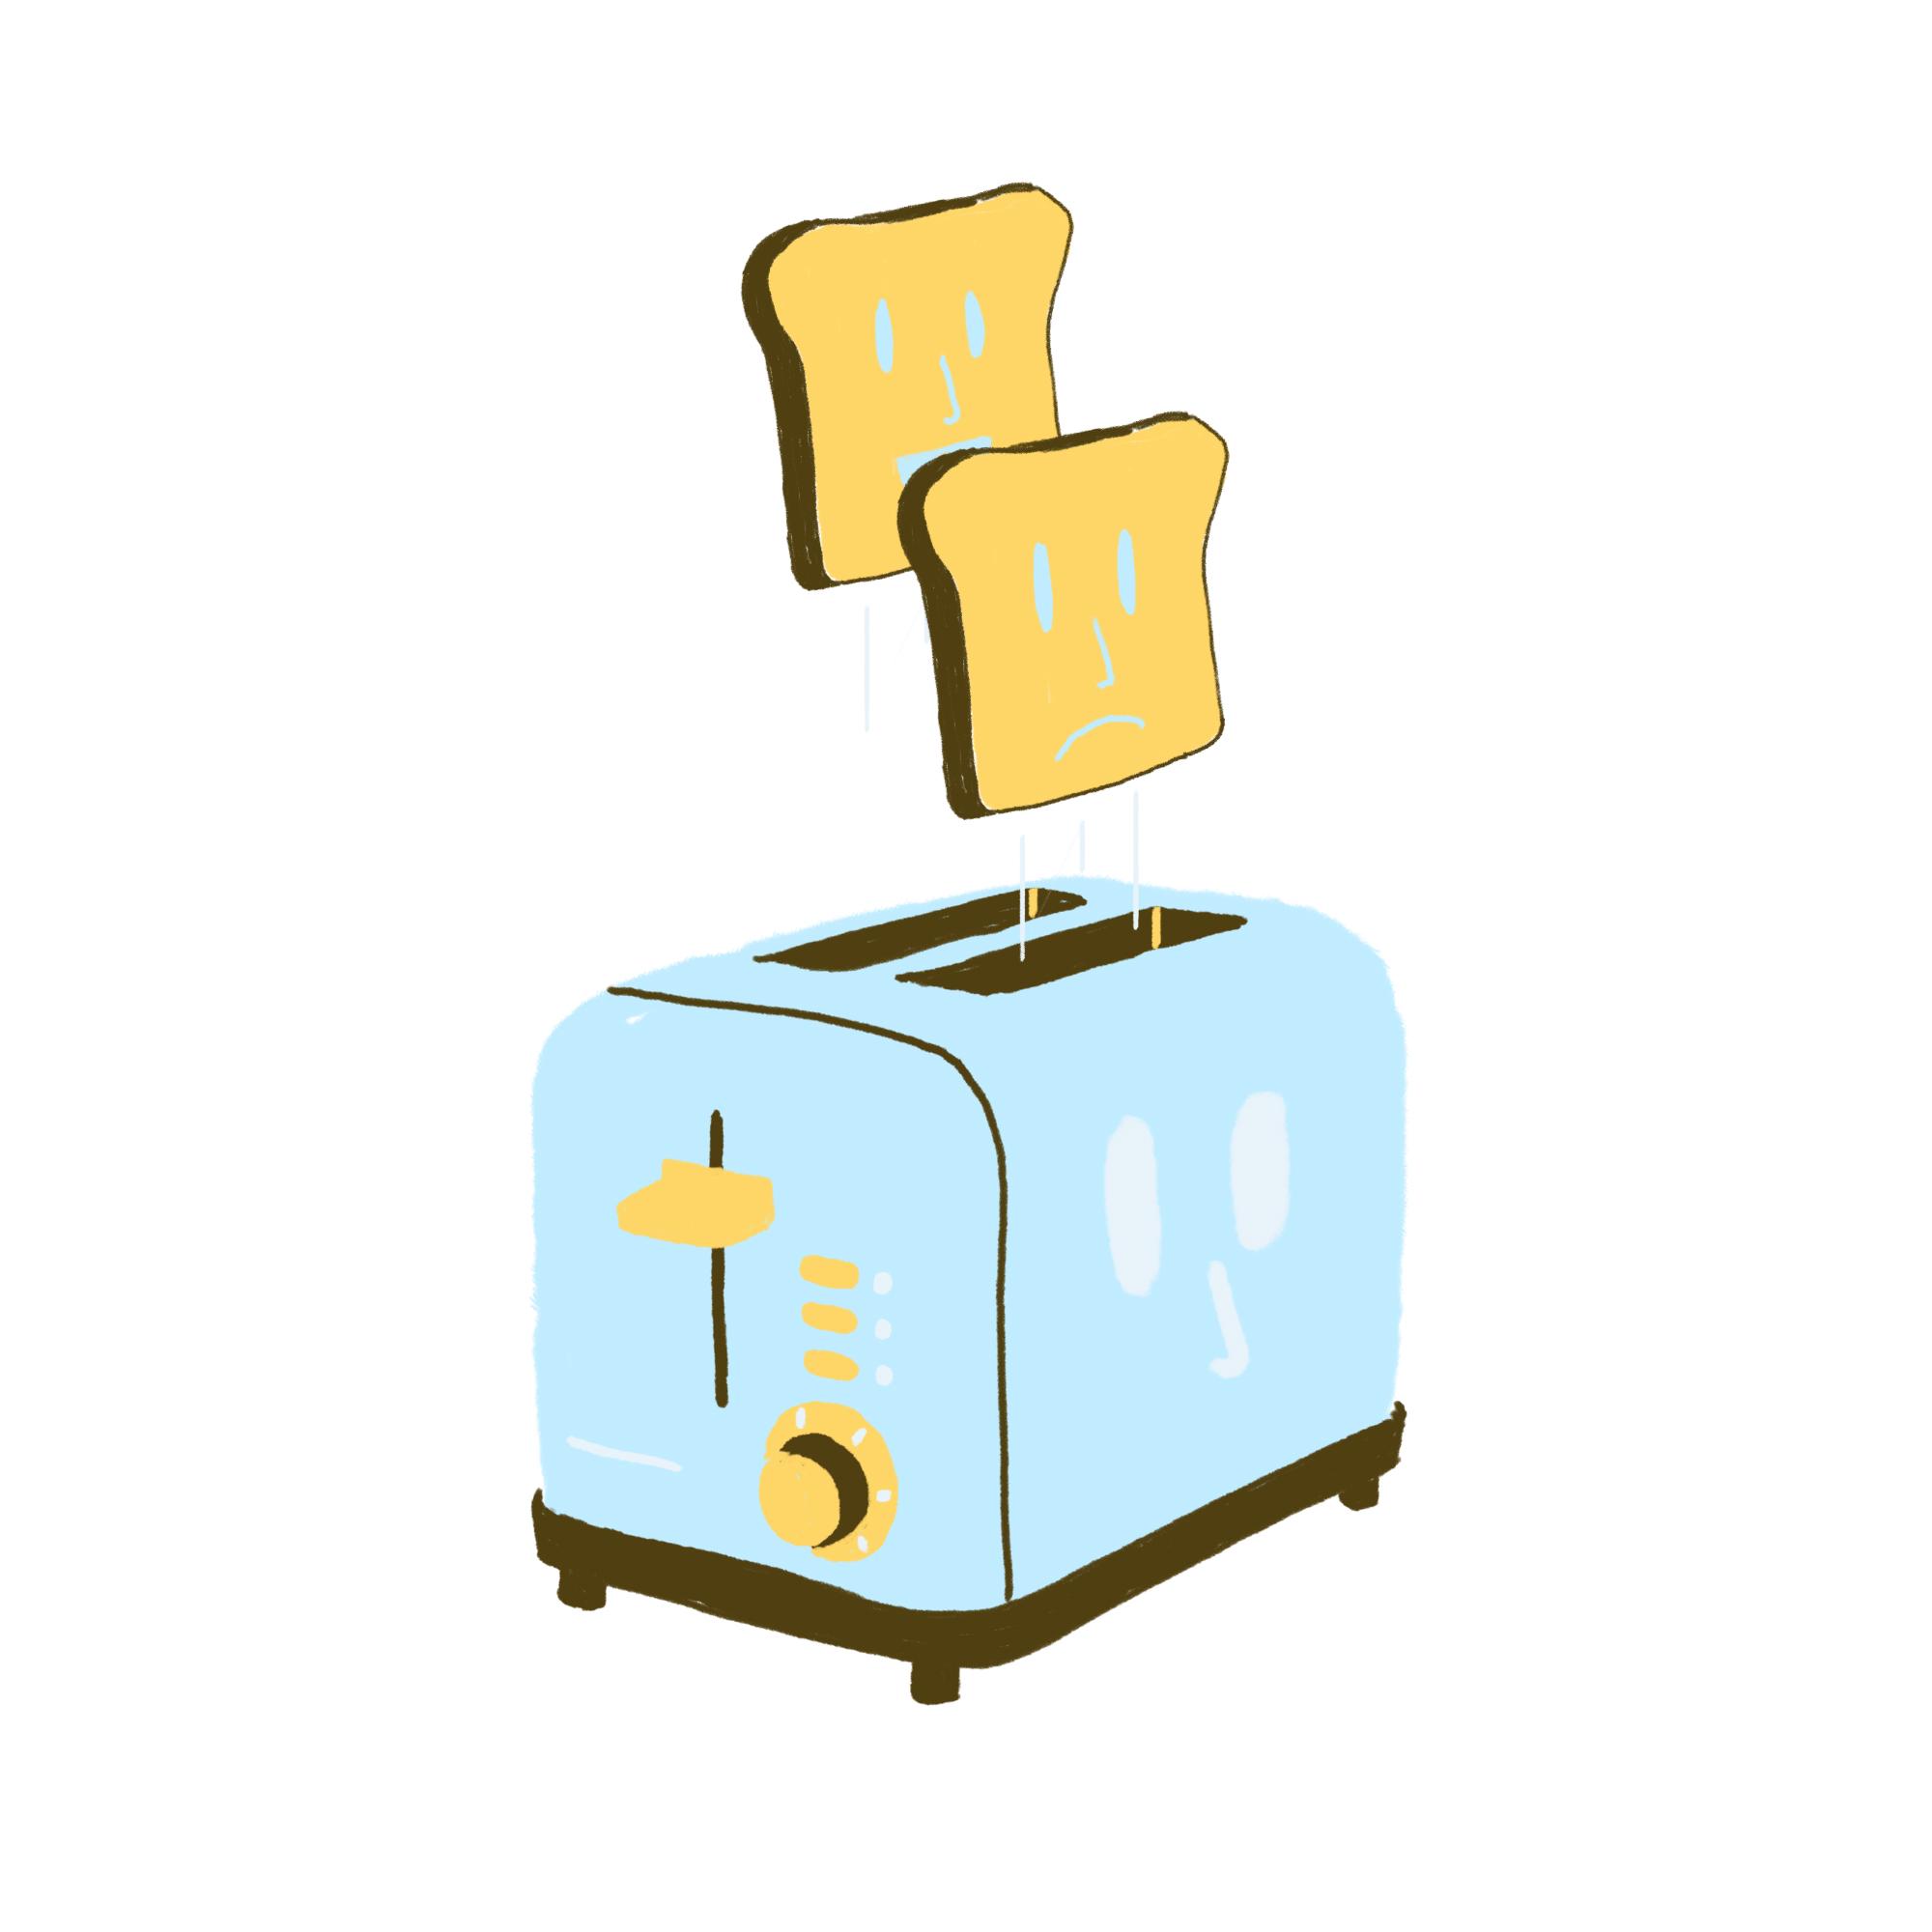 170106_Toaster.jpg